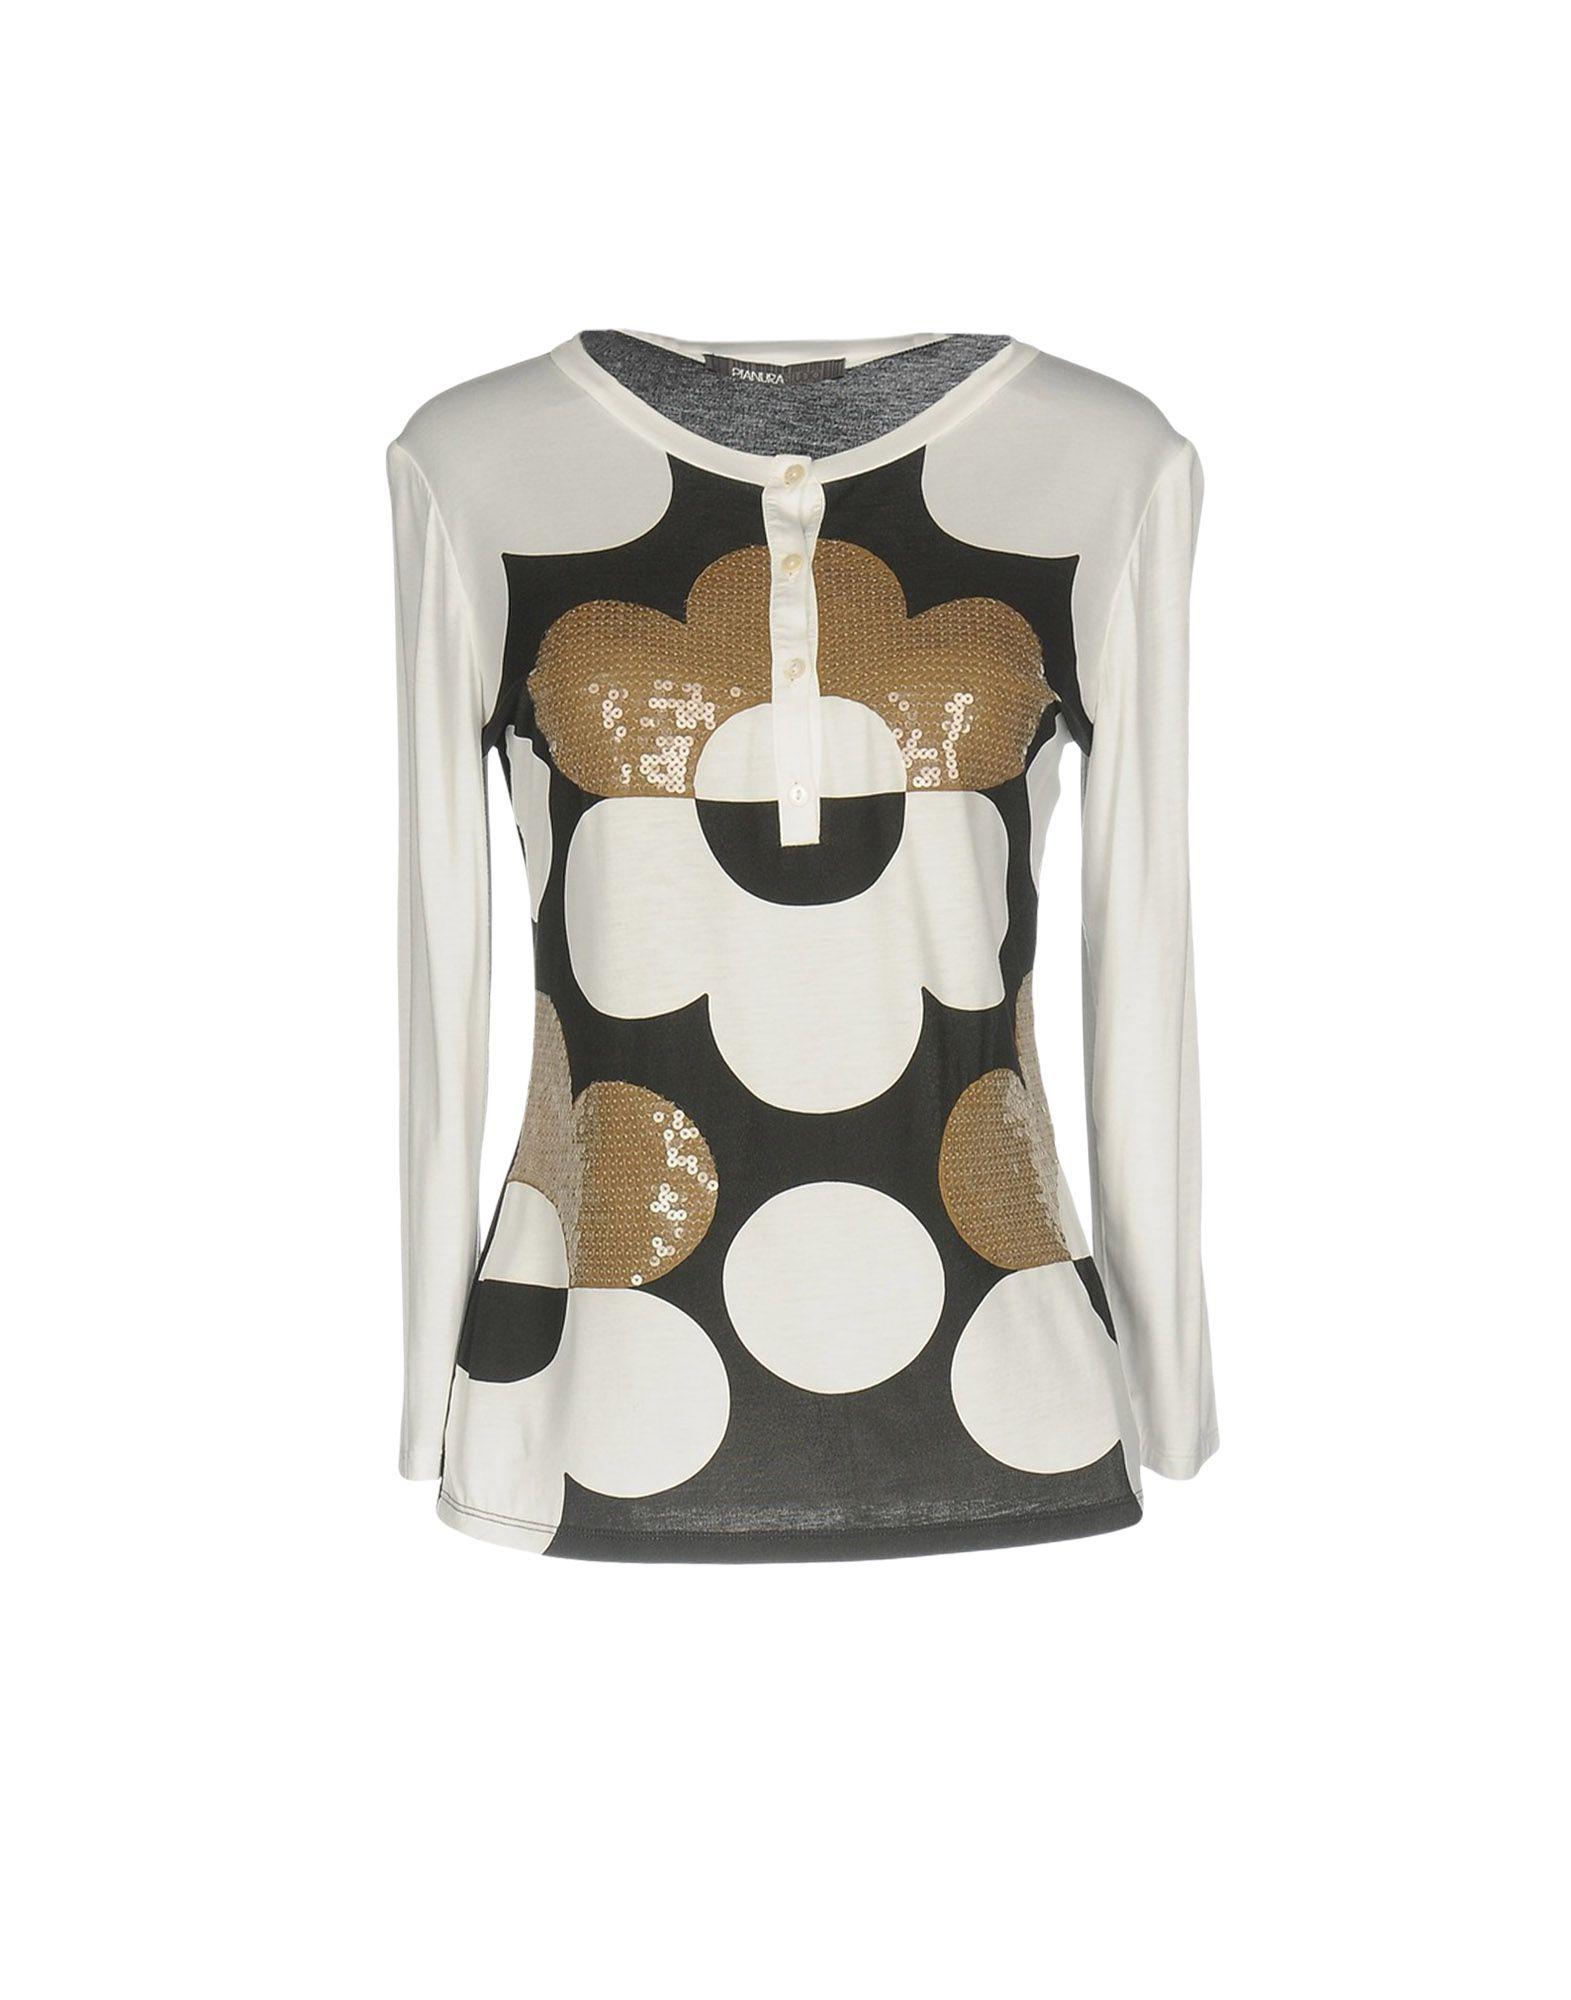 PIANURASTUDIO Damen T-shirts Farbe Weiß Größe 5 jetztbilligerkaufen